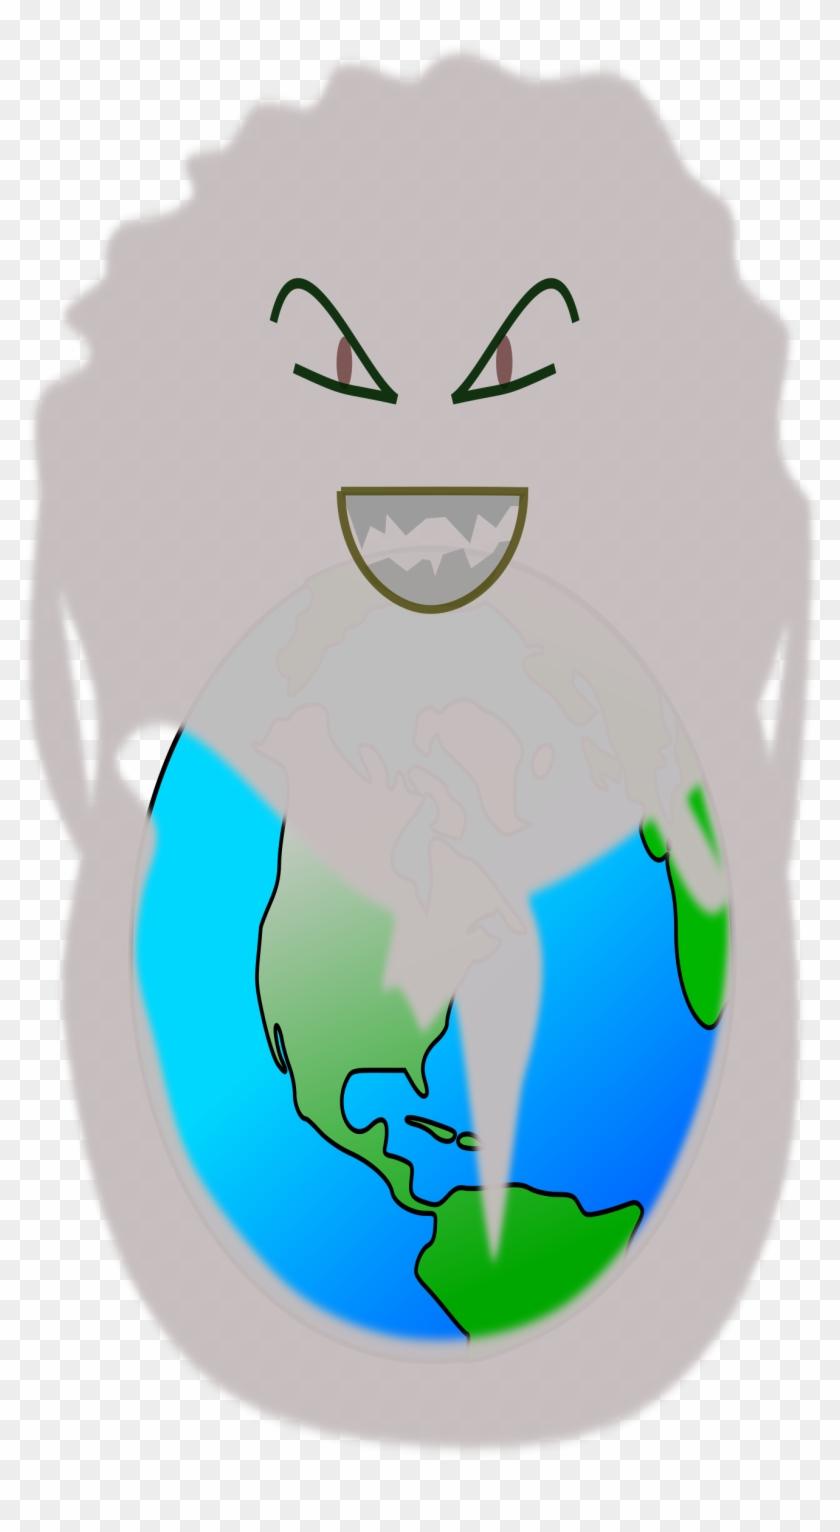 Pollution Transparent Clipart #28804